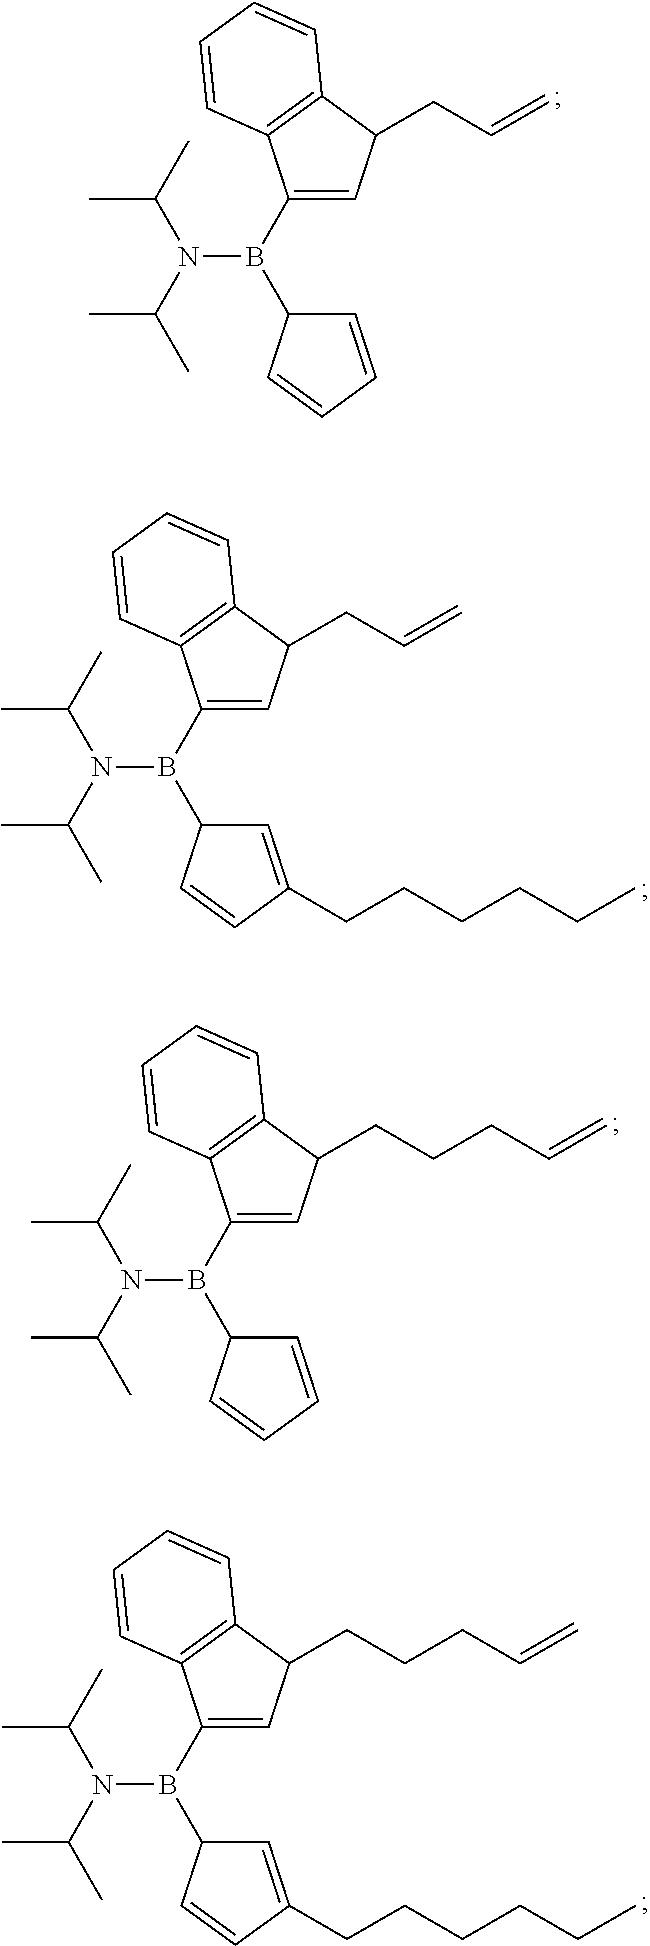 Figure US20150141598A1-20150521-C00009